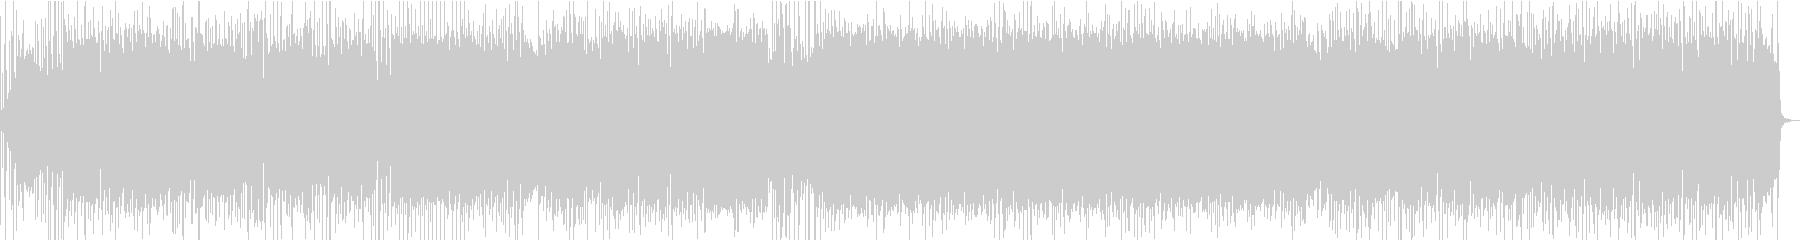 サイケ・ファンク・ロックに竹横笛メロディの未再生の波形